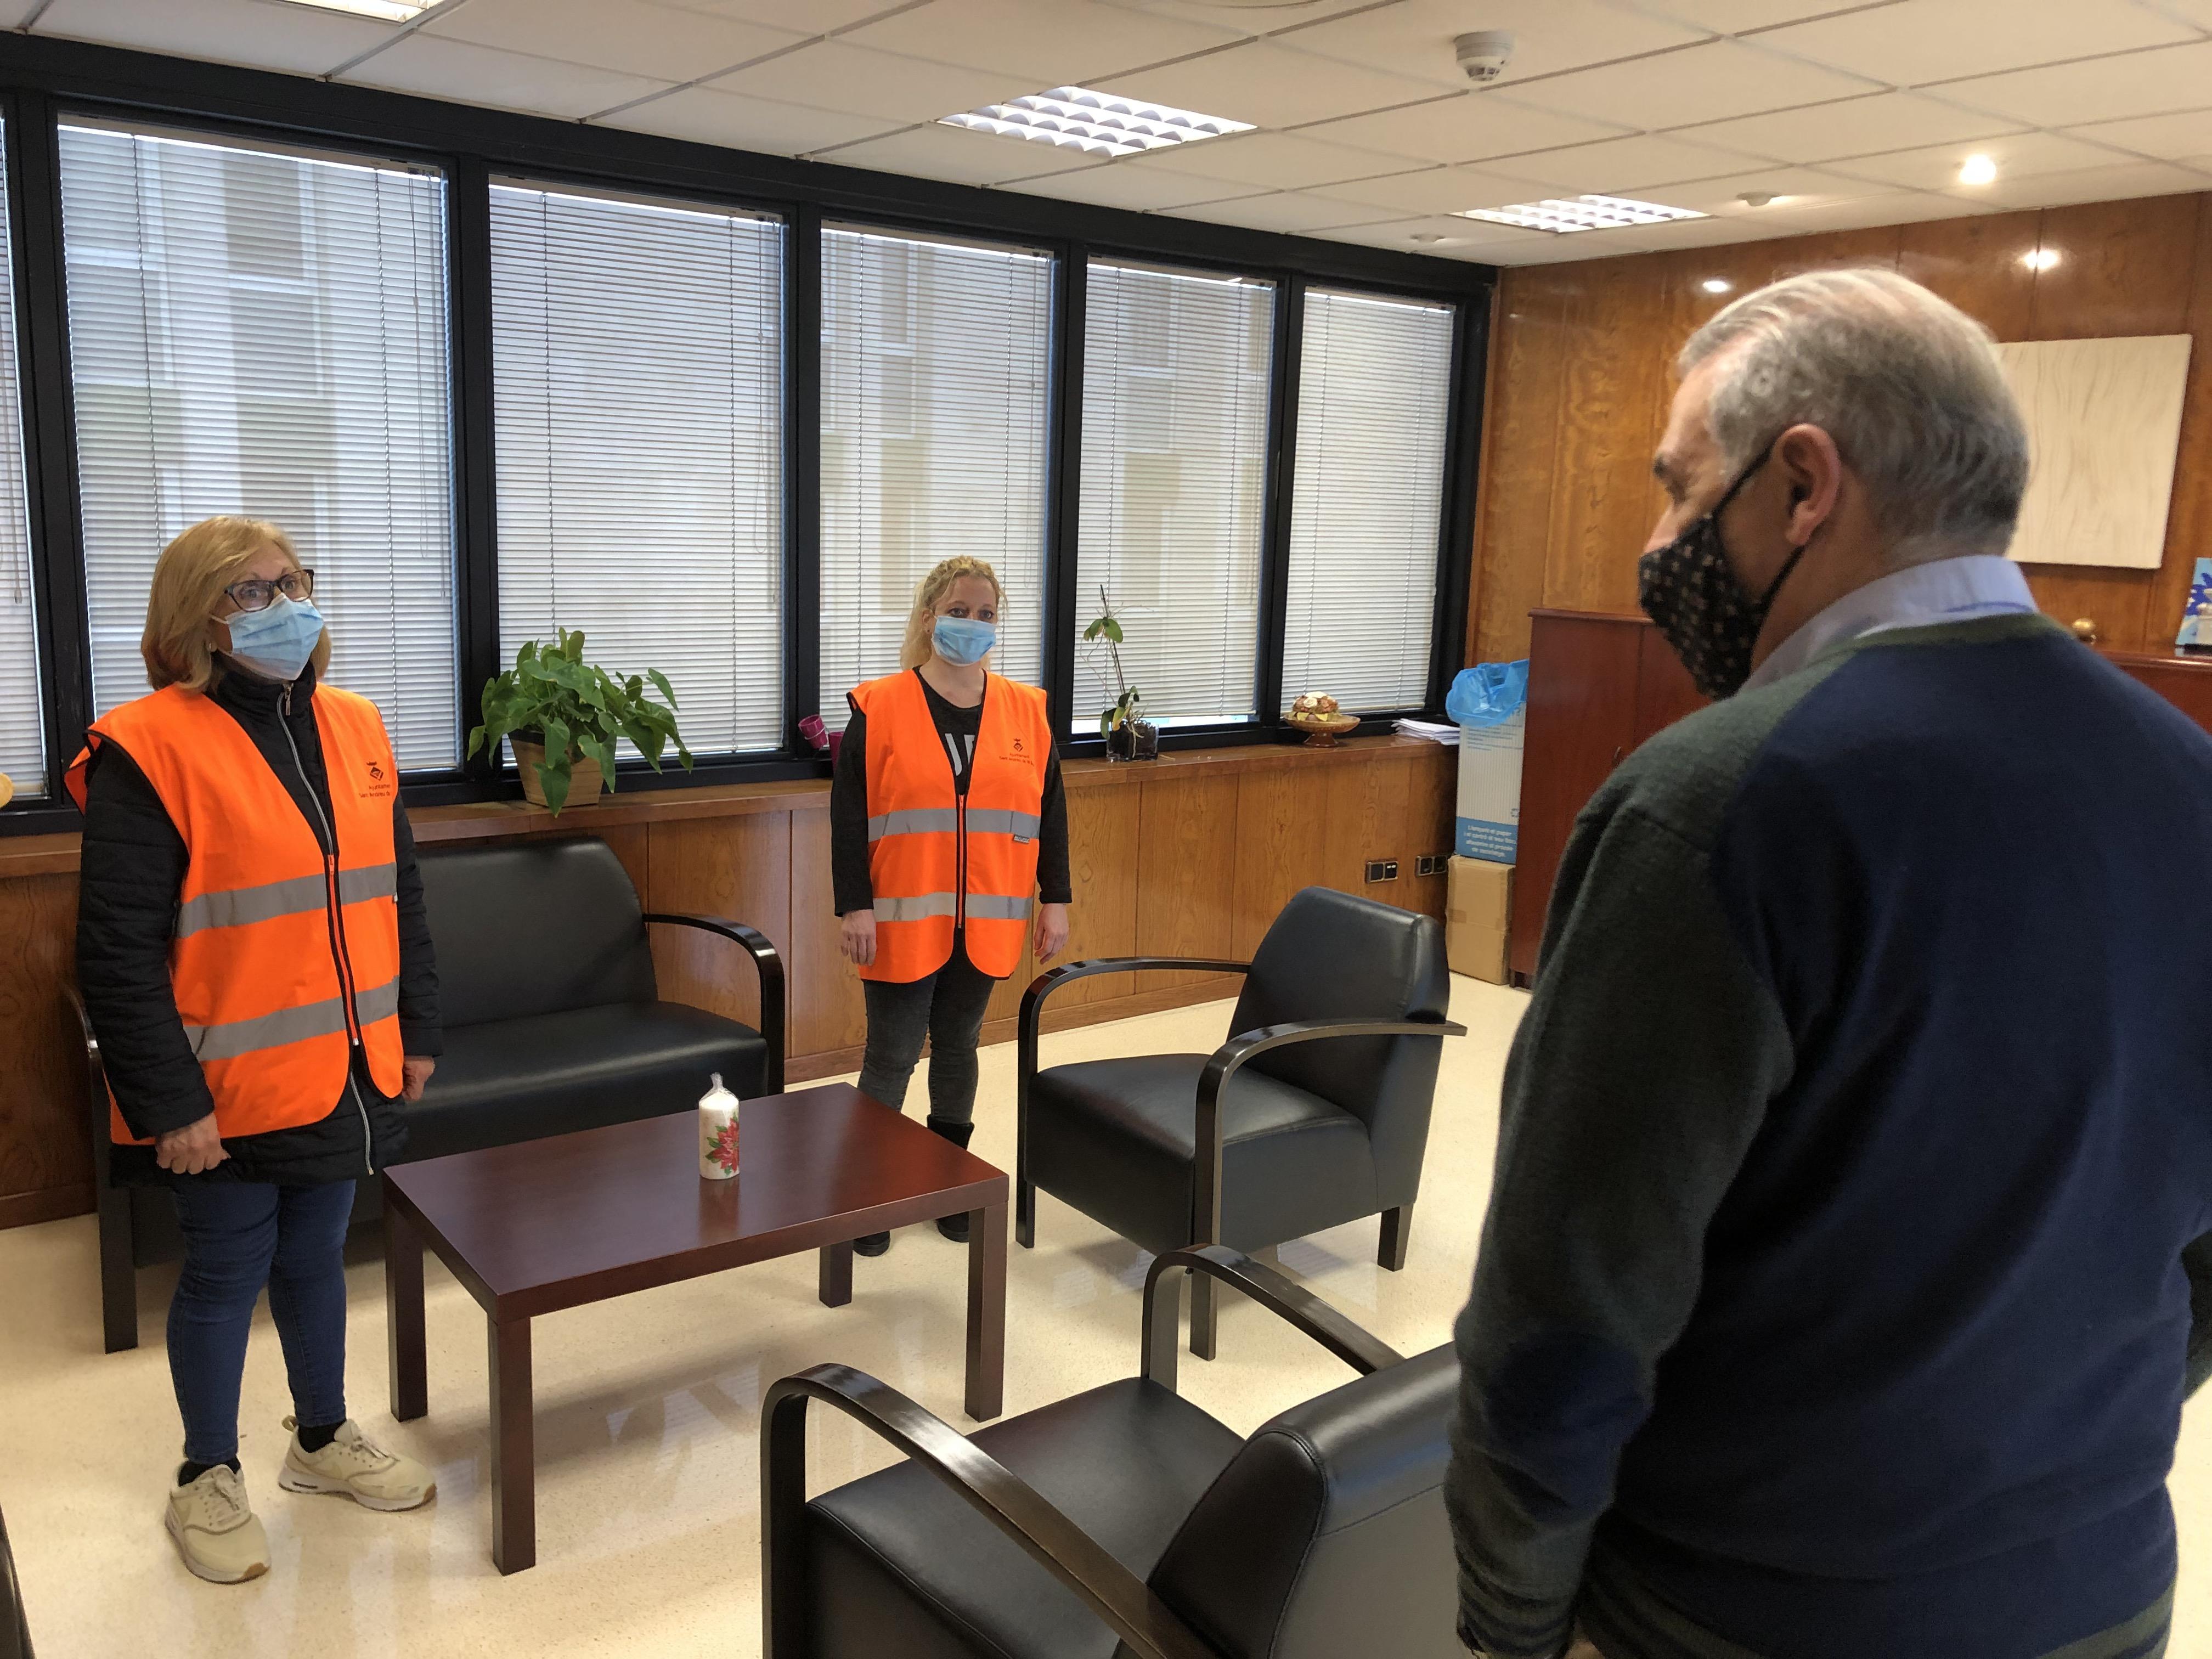 Imatge de la notícia: L'Ajuntament incorpora dues persones a la plantilla d'agents comunitaris